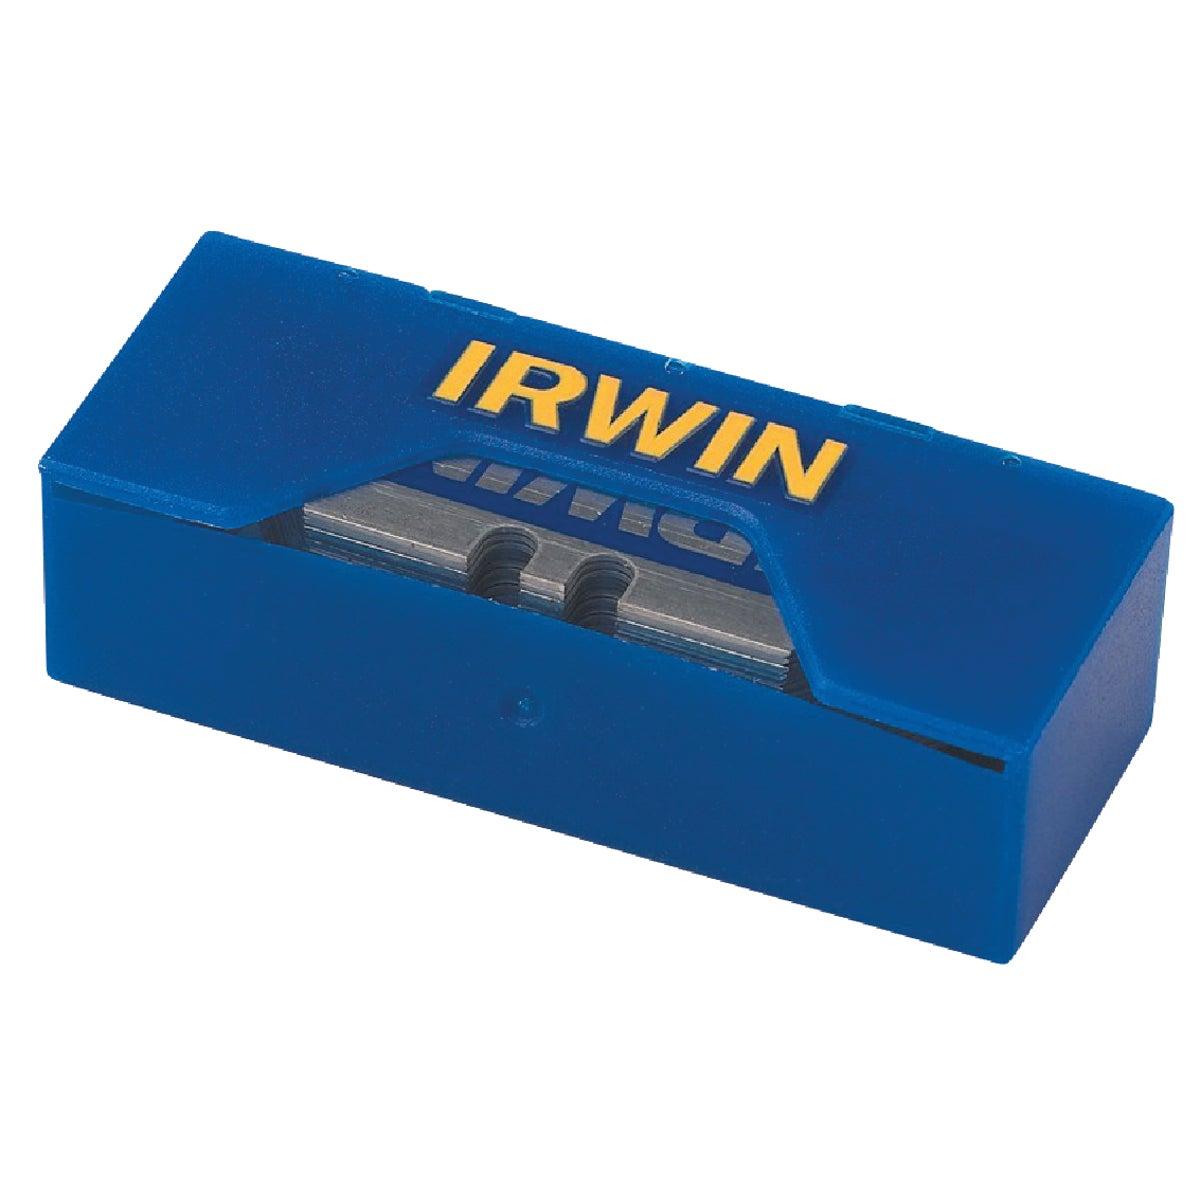 20PK UTLY BI-METAL BLADE - 2084200 by Irwin Industr Tool